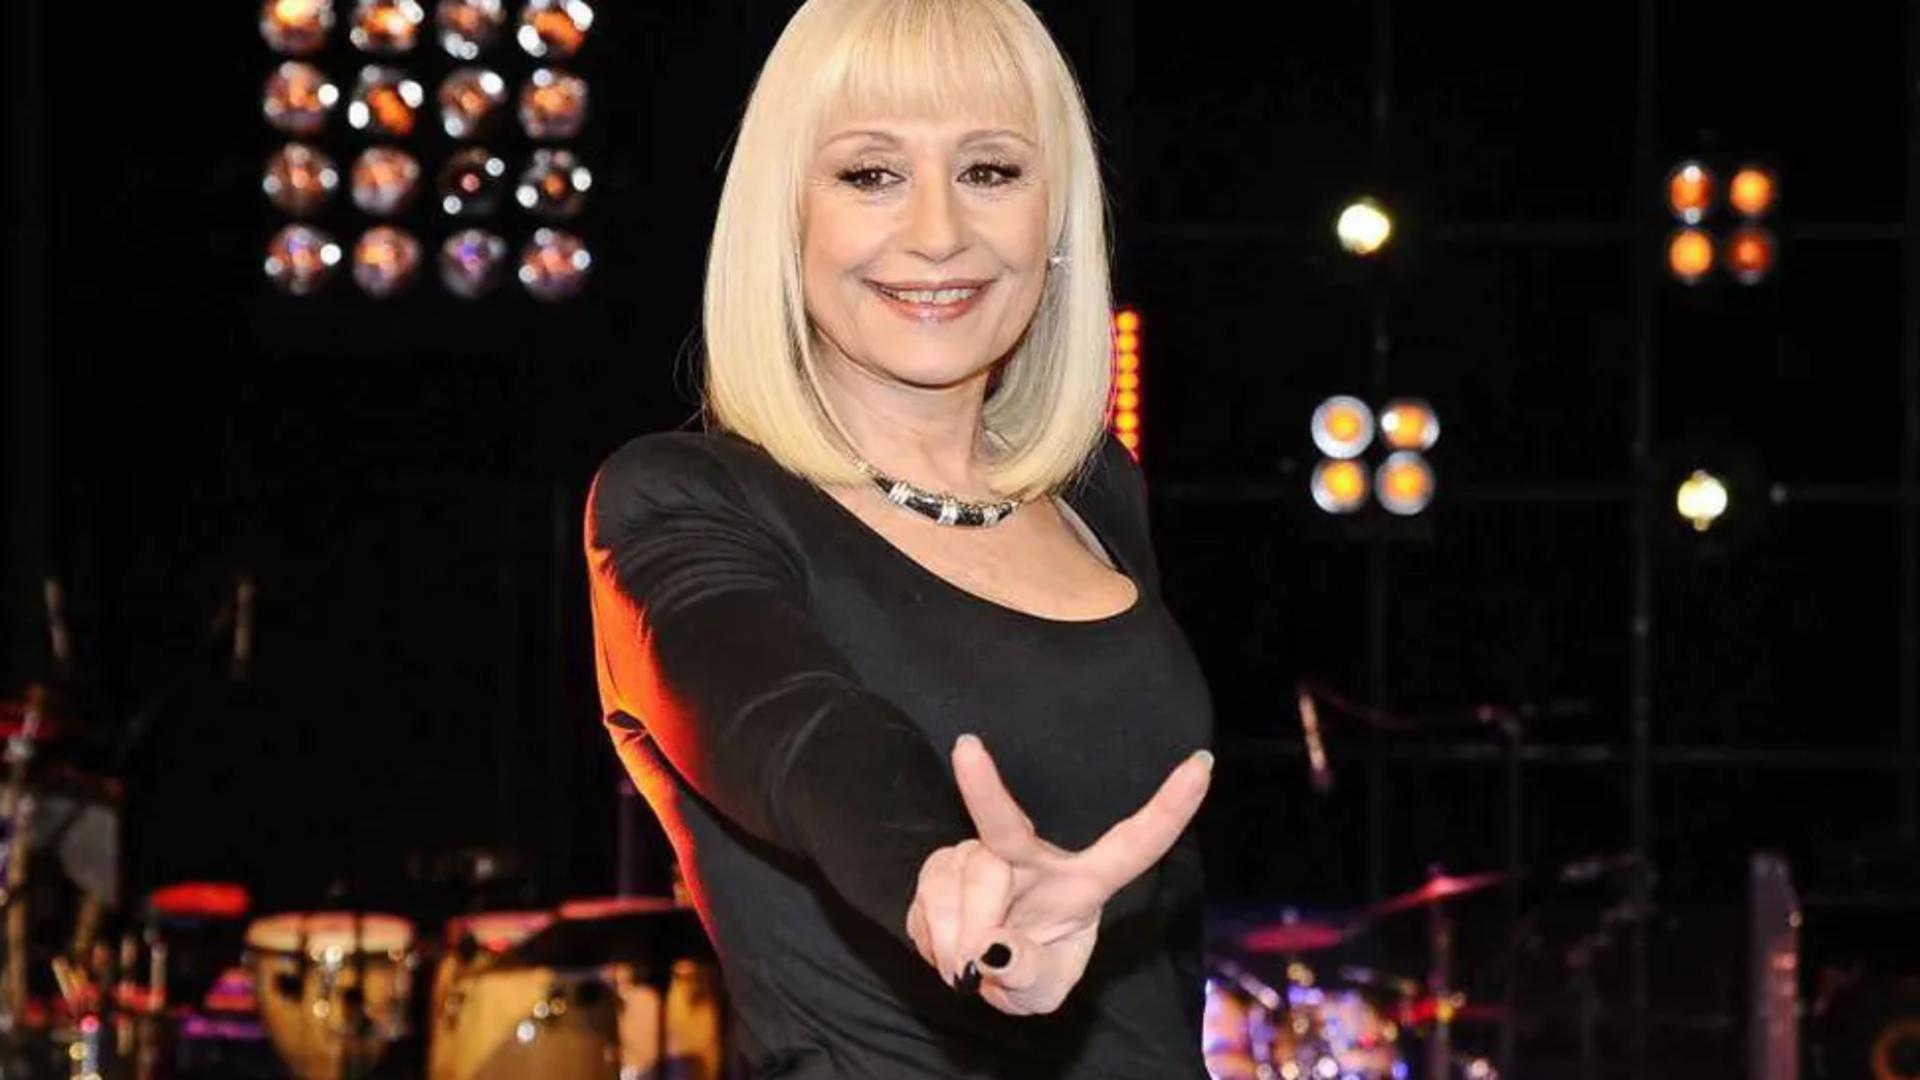 DOLIU în muzica internațională - O legendă URIAȘĂ a murit după peste 50 de ani pe scenă: Raffaella Carra